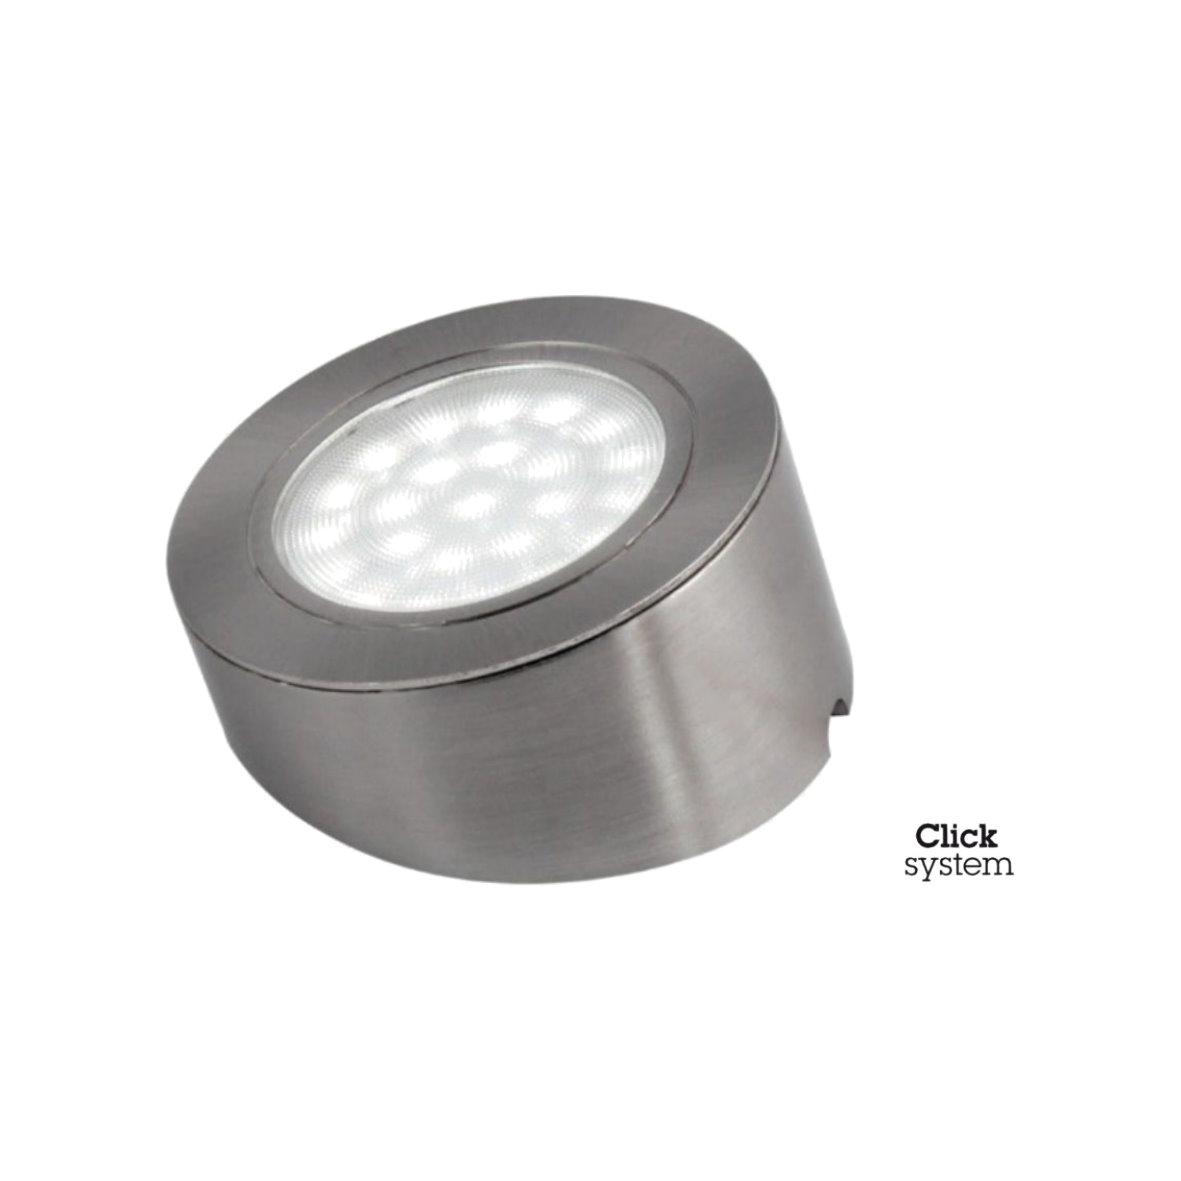 LED Spot Master Leuchte Touch Alu Möbel Küche Aufbau Unterbau ...